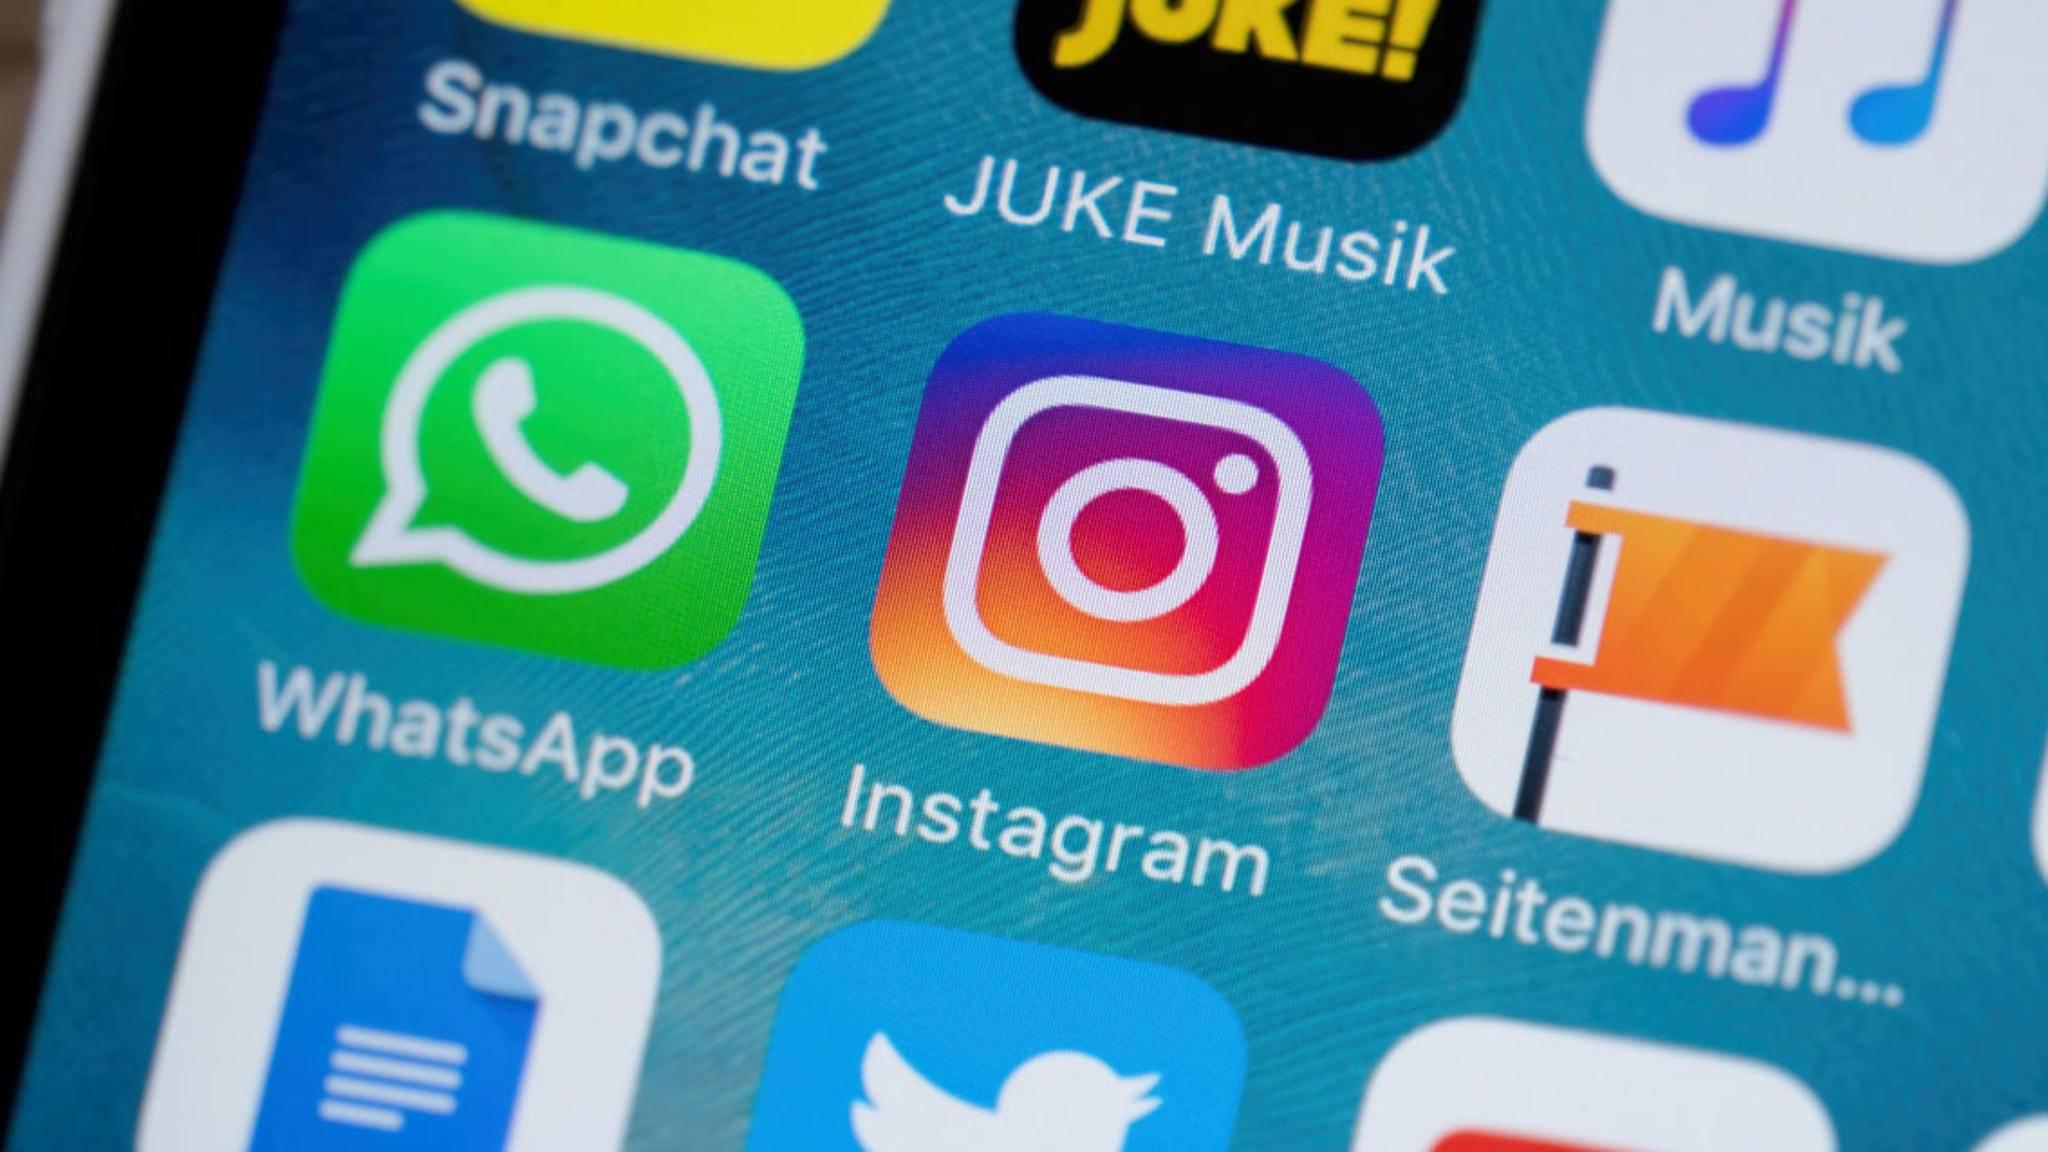 Instagram und Snapchat kappen die Verbindung zu Giphy.